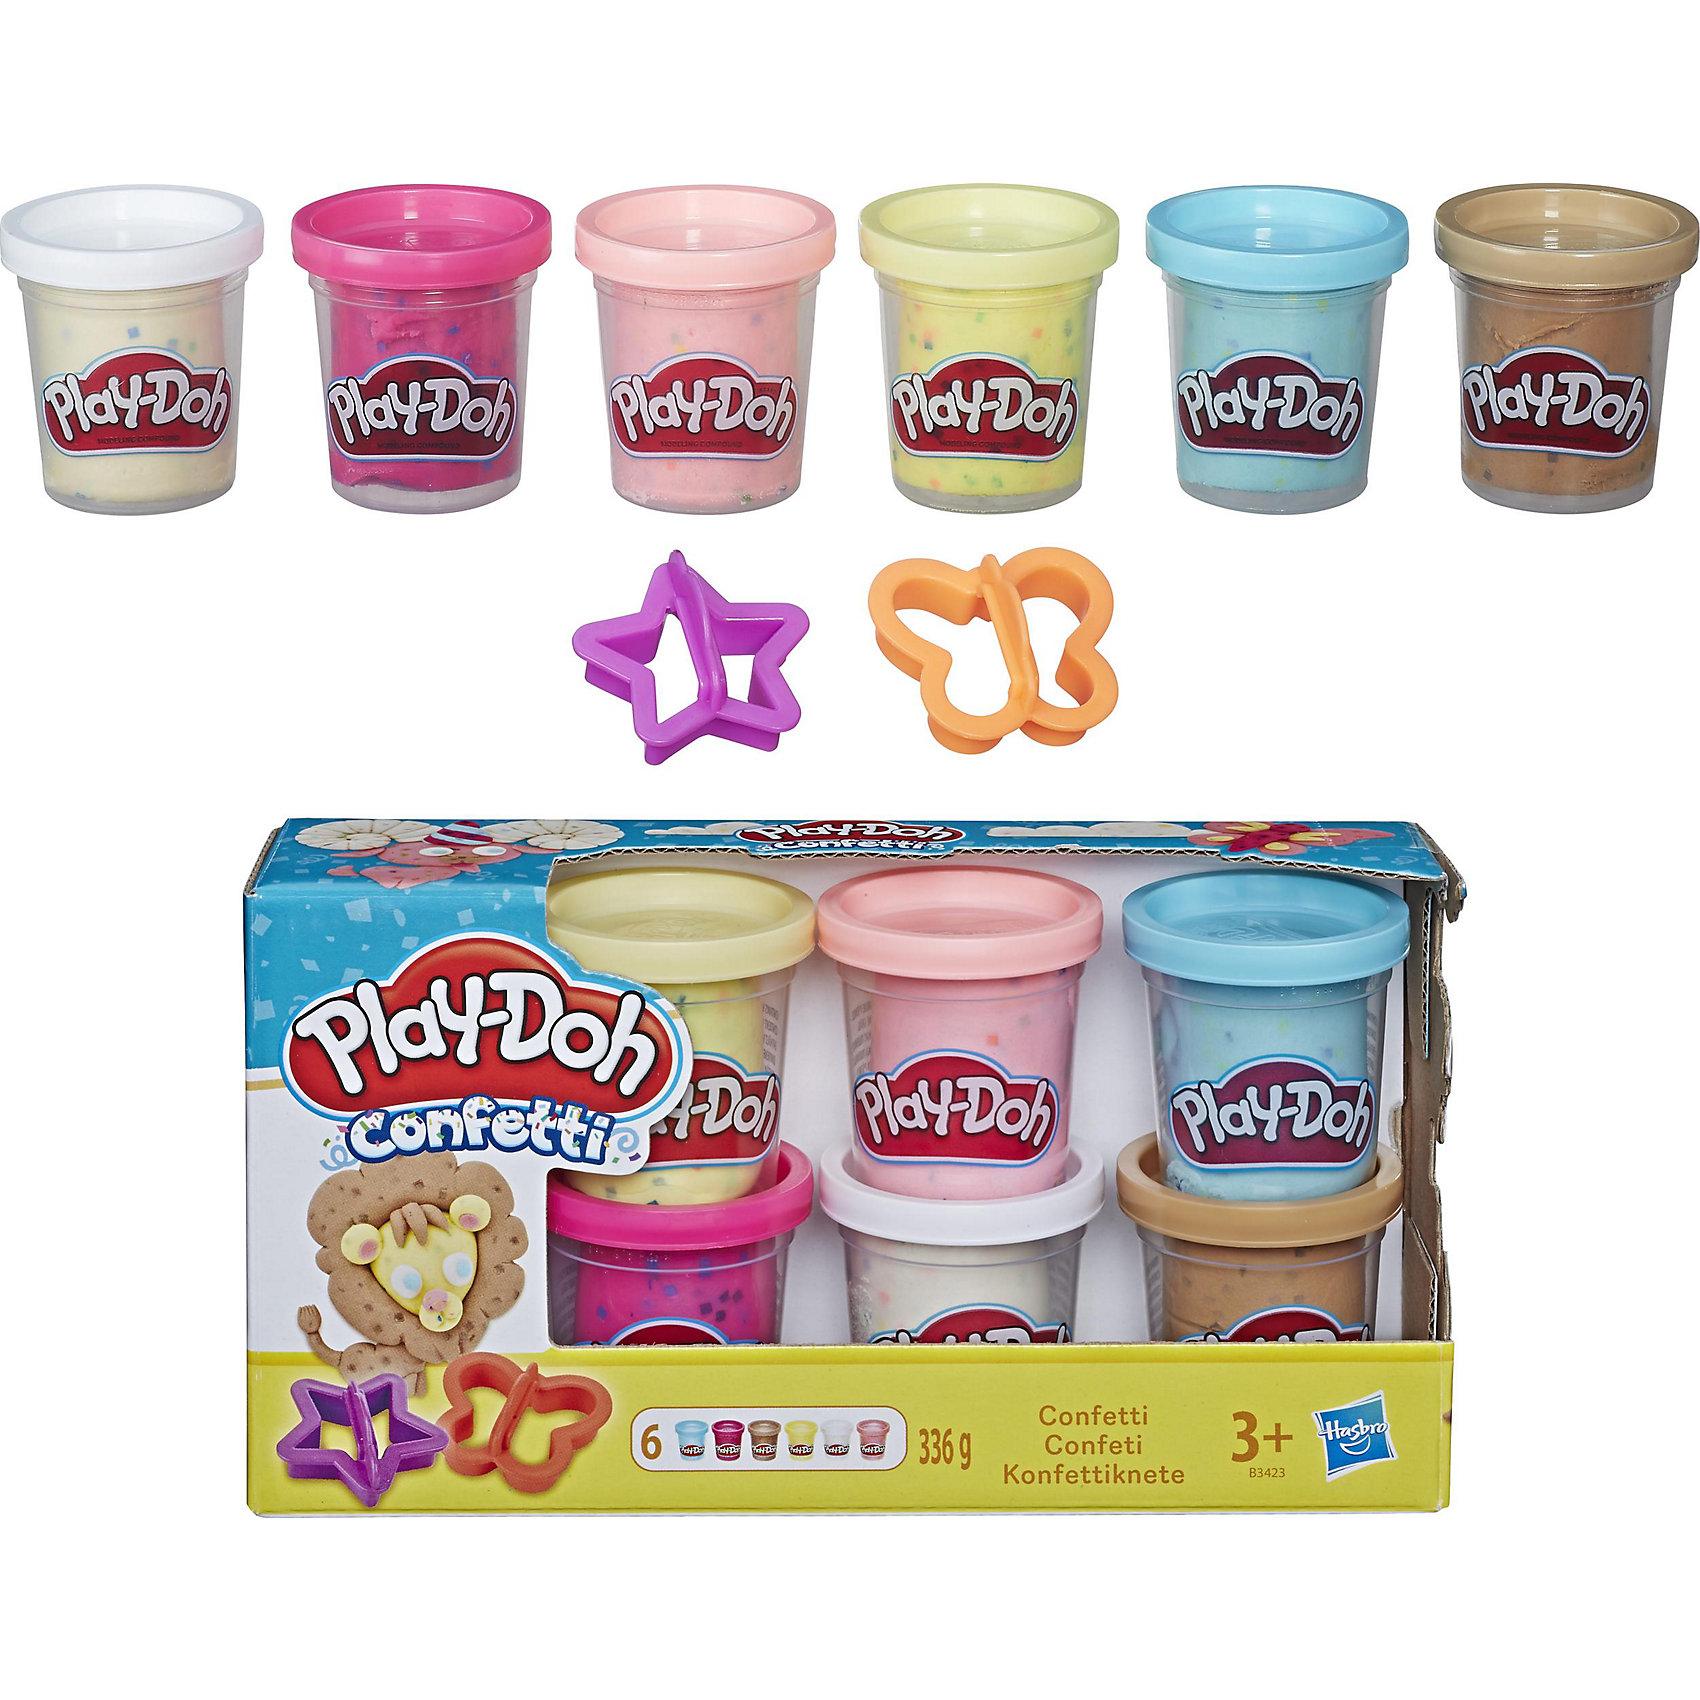 Набор из 6 баночек с конфетти, Play-DohНаборы для лепки<br>Набор из 6 баночек с конфетти, Play-Doh, поможет Вашему ребенку реализовать свои творческие фантазии и создать свой собственный сказочный мир. В наборе шесть баночек разноцветного пластилина и две формочки в виде бабочки и звездочки. Пластилин полностью безопасен для детей, не липнет к рукам и не пачкает одежду. Легко принимает любую форму и быстро высыхает. Особенность этого пластилина в том, что в состав массы для лепки входят хлопья конфетти. Такая необычная текстура делает пластилин ярким и необычным, а поделки из него еще более эффектными. Разные цвета пластилина легко смешиваются между собой, создавая новые оттенки. Занятия лепкой развивают у ребенка фантазию, творческие способности и объемное воображение, тренируют координацию движений и мелкую моторику.<br><br>Дополнительная информация:<br><br>- В комплекте: 6 баночек Play-Doh Confetti, 2 формочки.<br>- Размер упаковки: 21 х 6 х 11 см.<br>- Вес: 0,336 кг.<br><br>Набор из 6 баночек с конфетти, Play-Doh (Плей-До), можно купить в нашем интернет-магазине.<br><br>Ширина мм: 212<br>Глубина мм: 116<br>Высота мм: 60<br>Вес г: 471<br>Возраст от месяцев: 36<br>Возраст до месяцев: 72<br>Пол: Унисекс<br>Возраст: Детский<br>SKU: 4319030